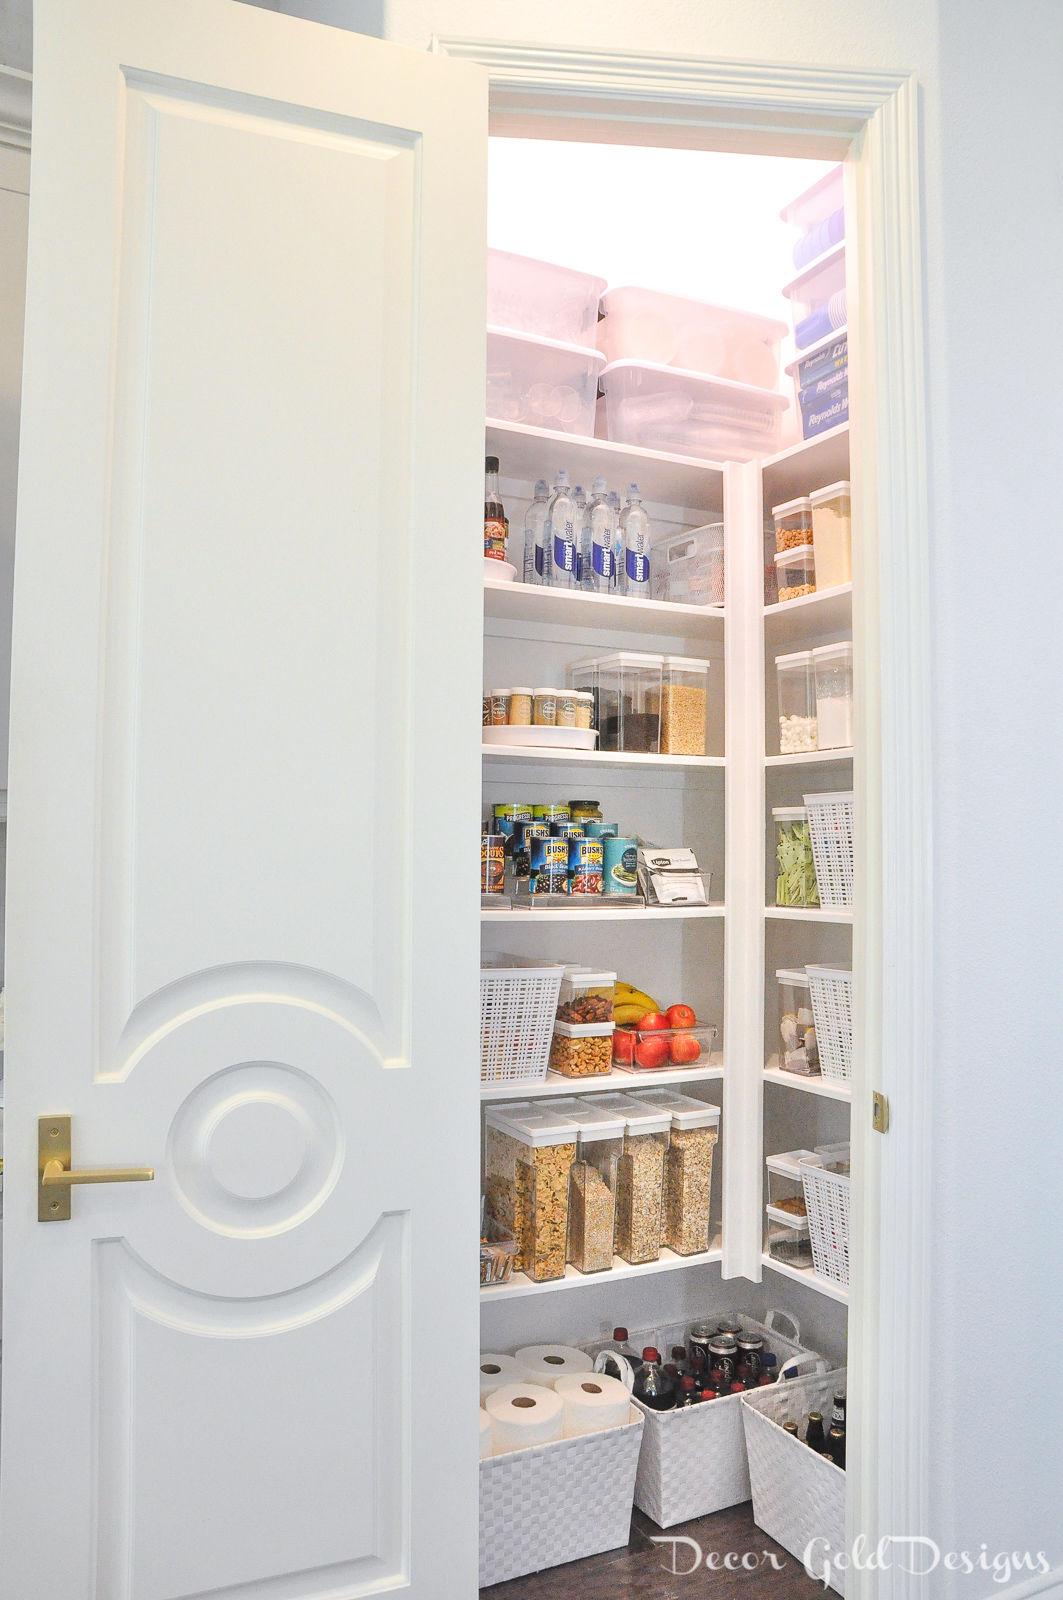 Beautifully organized kitchen pantry